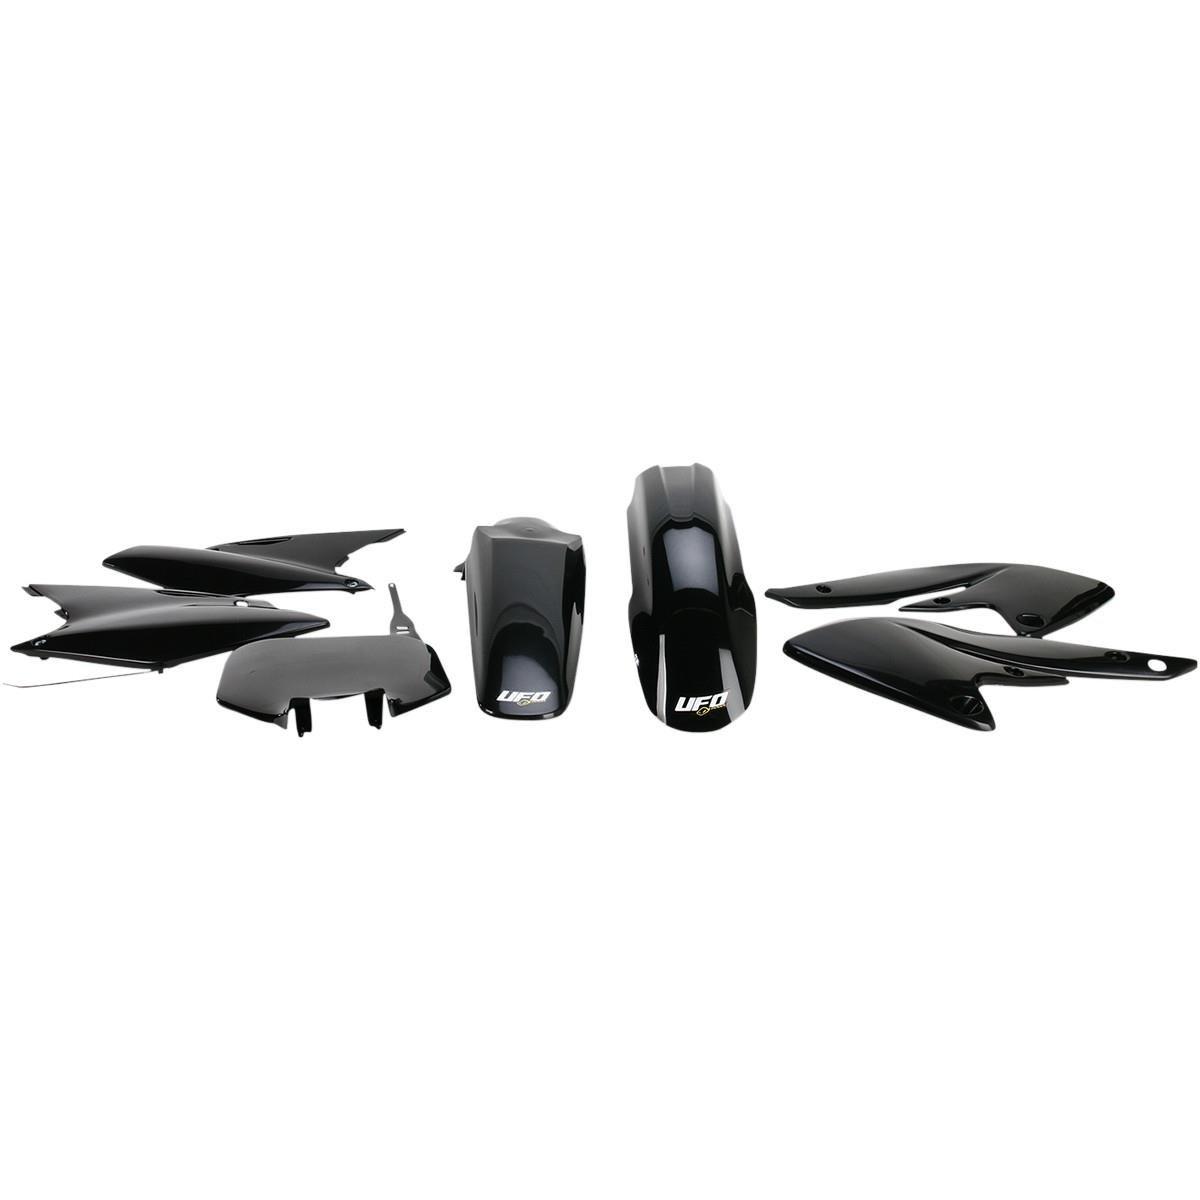 BODY KIT KXF250 04-05 BLACK UFO KAKIT203-001 Complete Body Kit